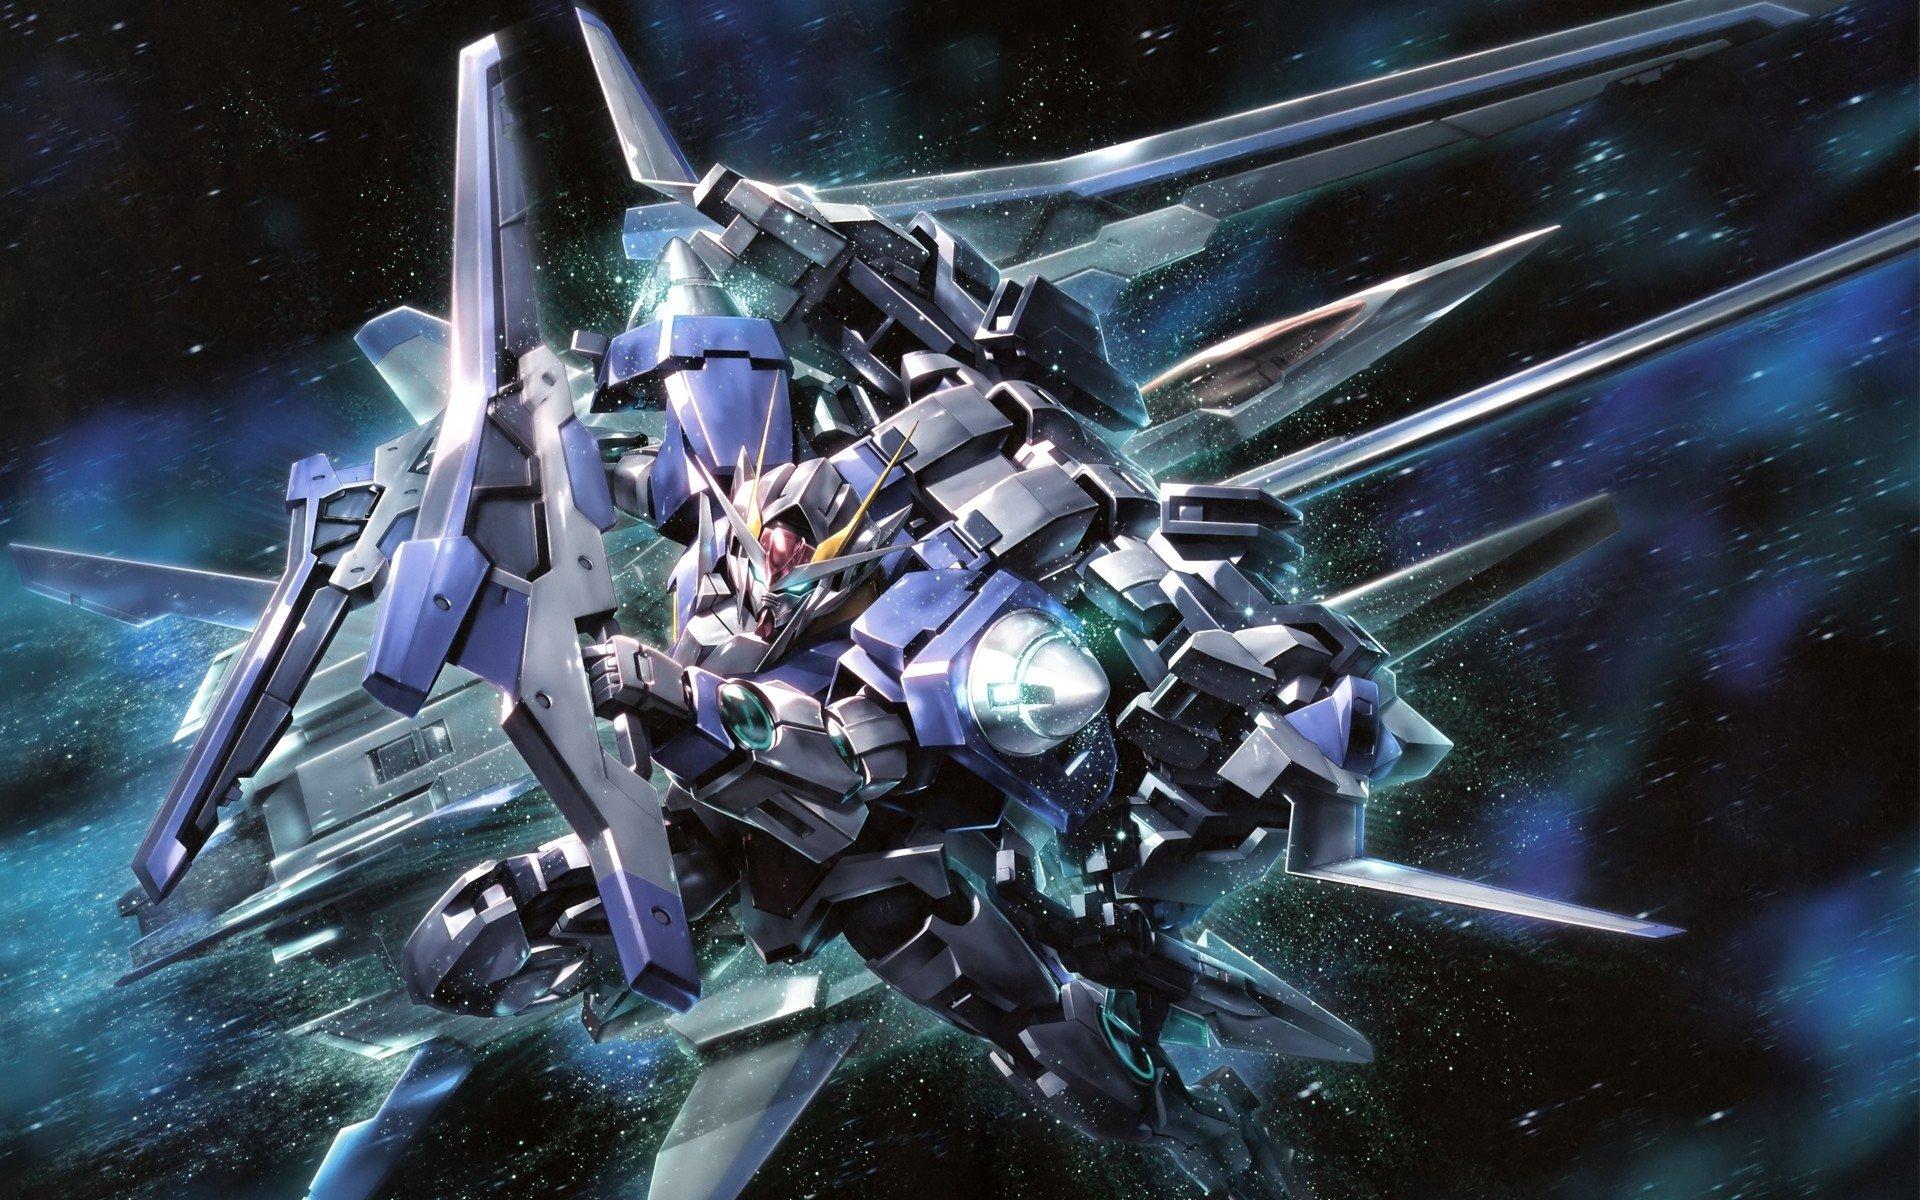 Gundam hd wallpaper background image 1920x1200 id 589076 wallpaper abyss - Gundam wallpaper hd ...